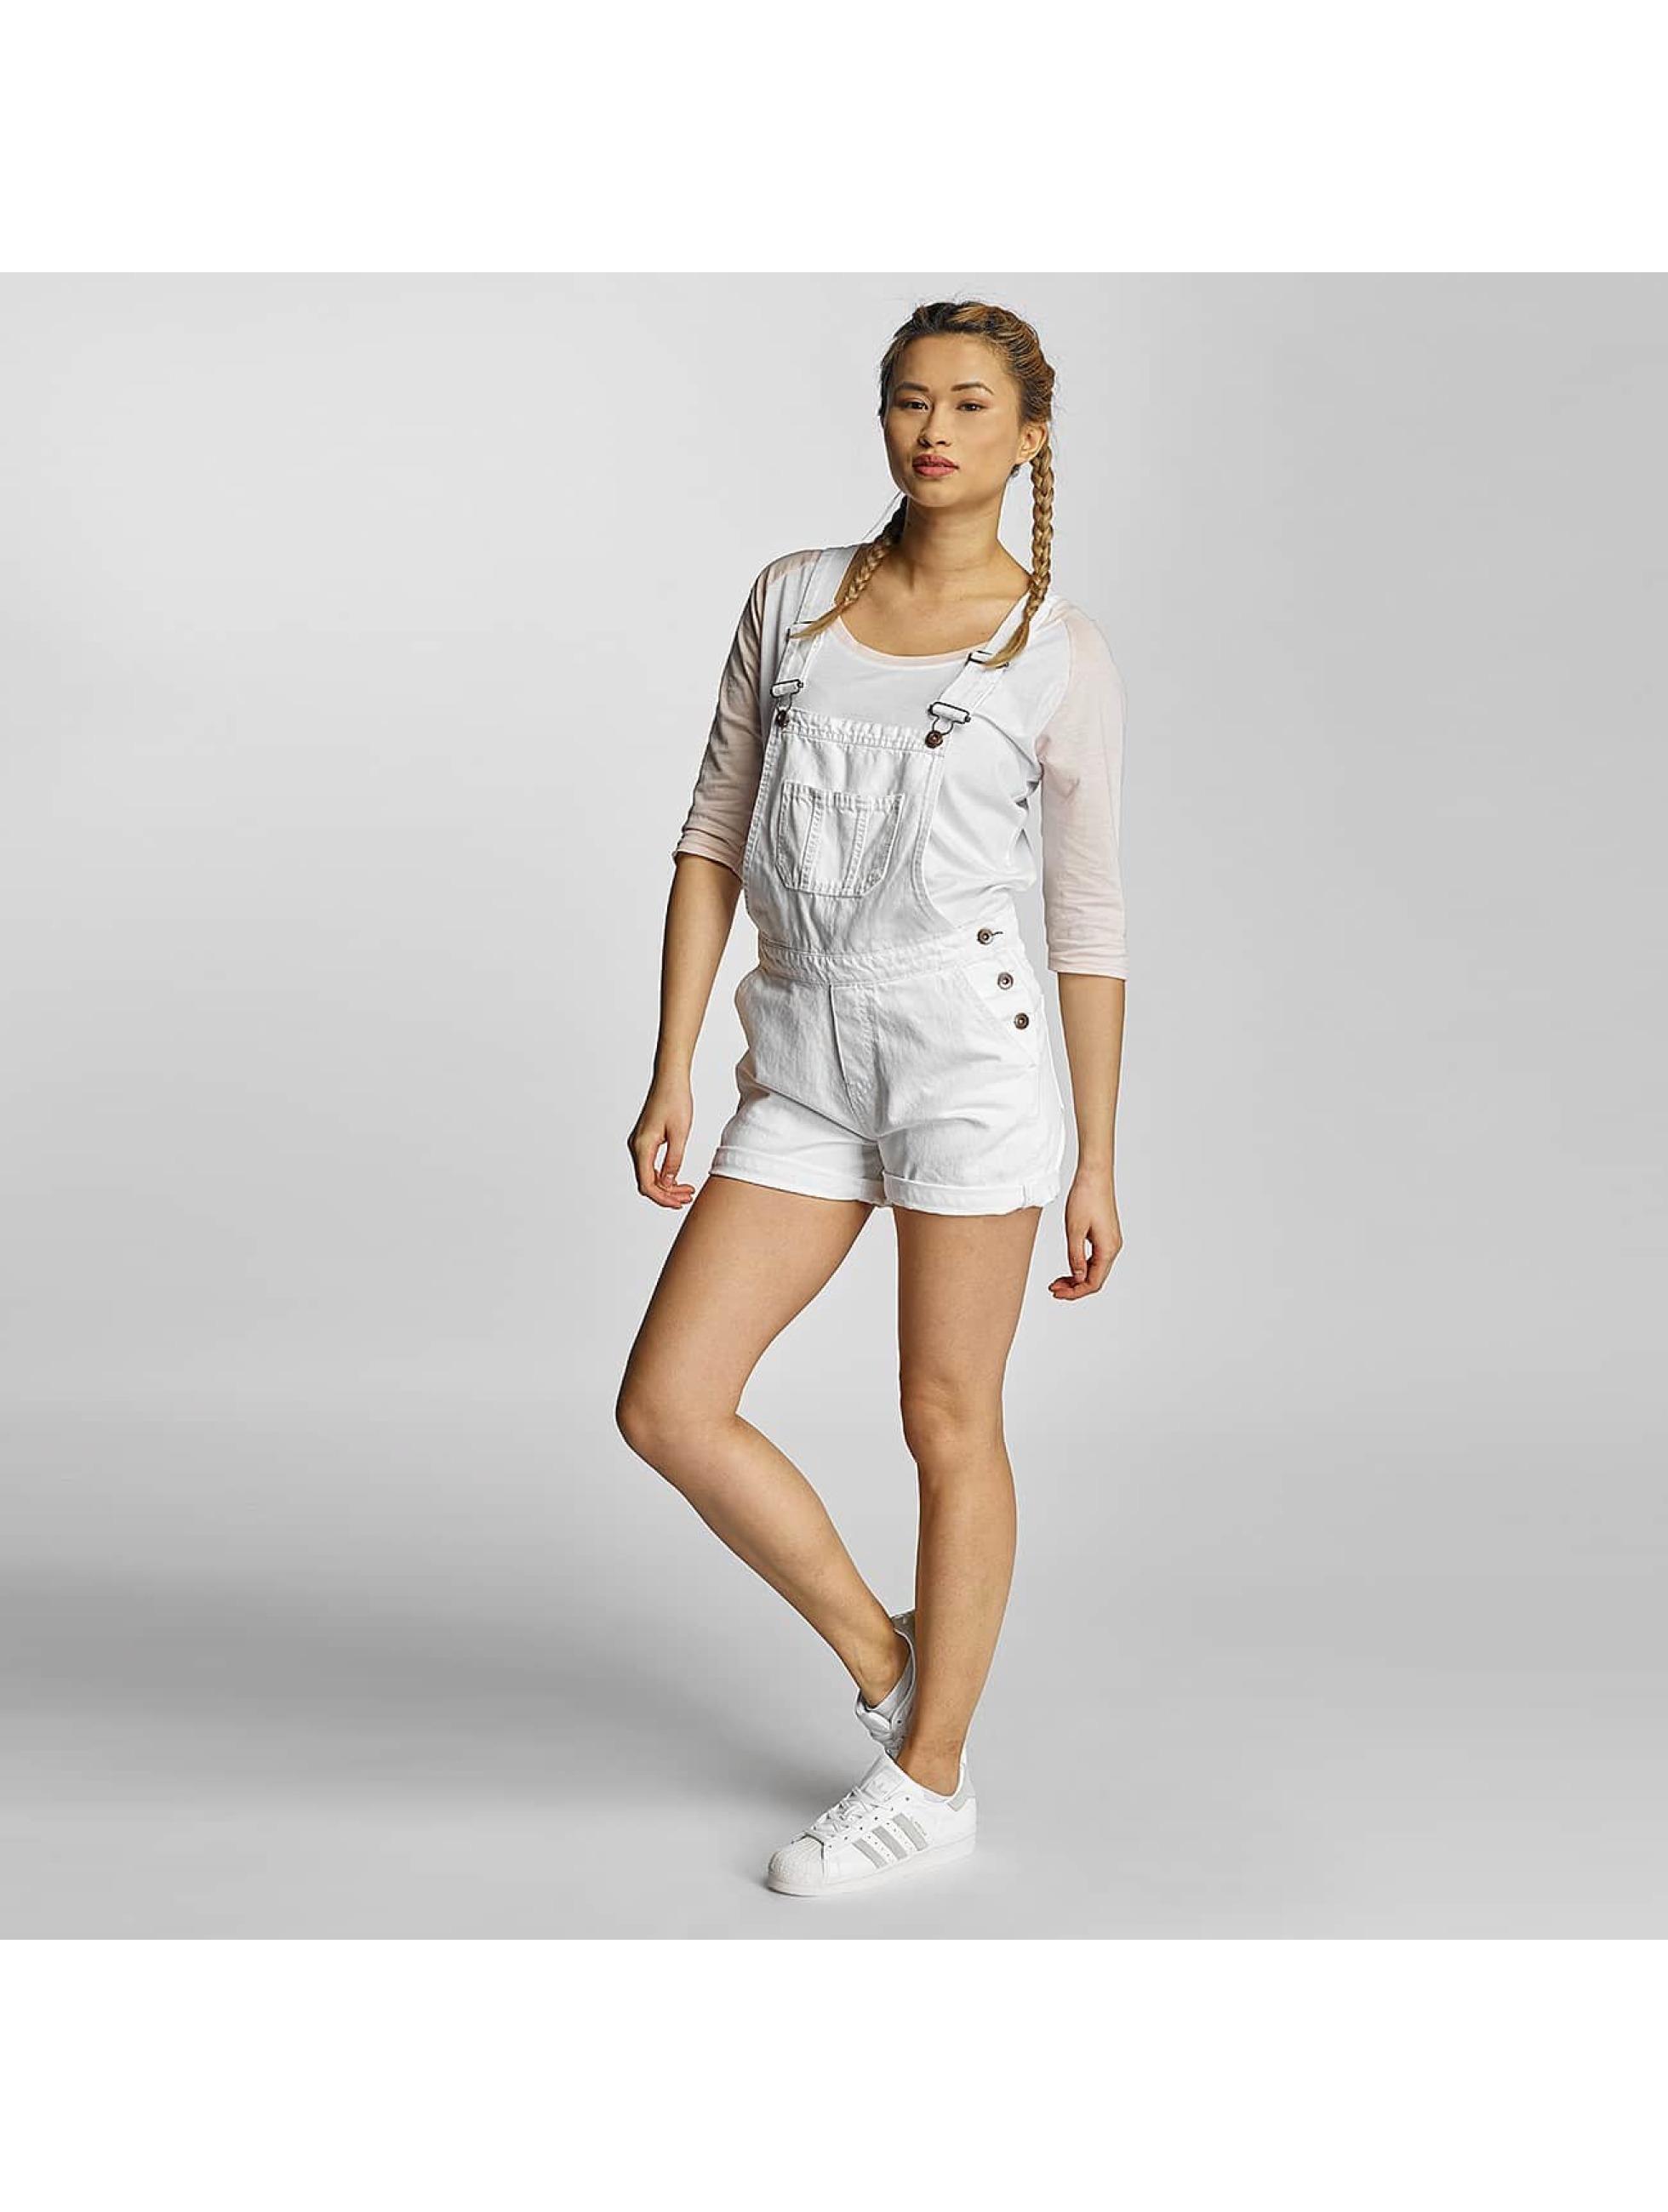 Urban Classics Dungaree Ladies Short white